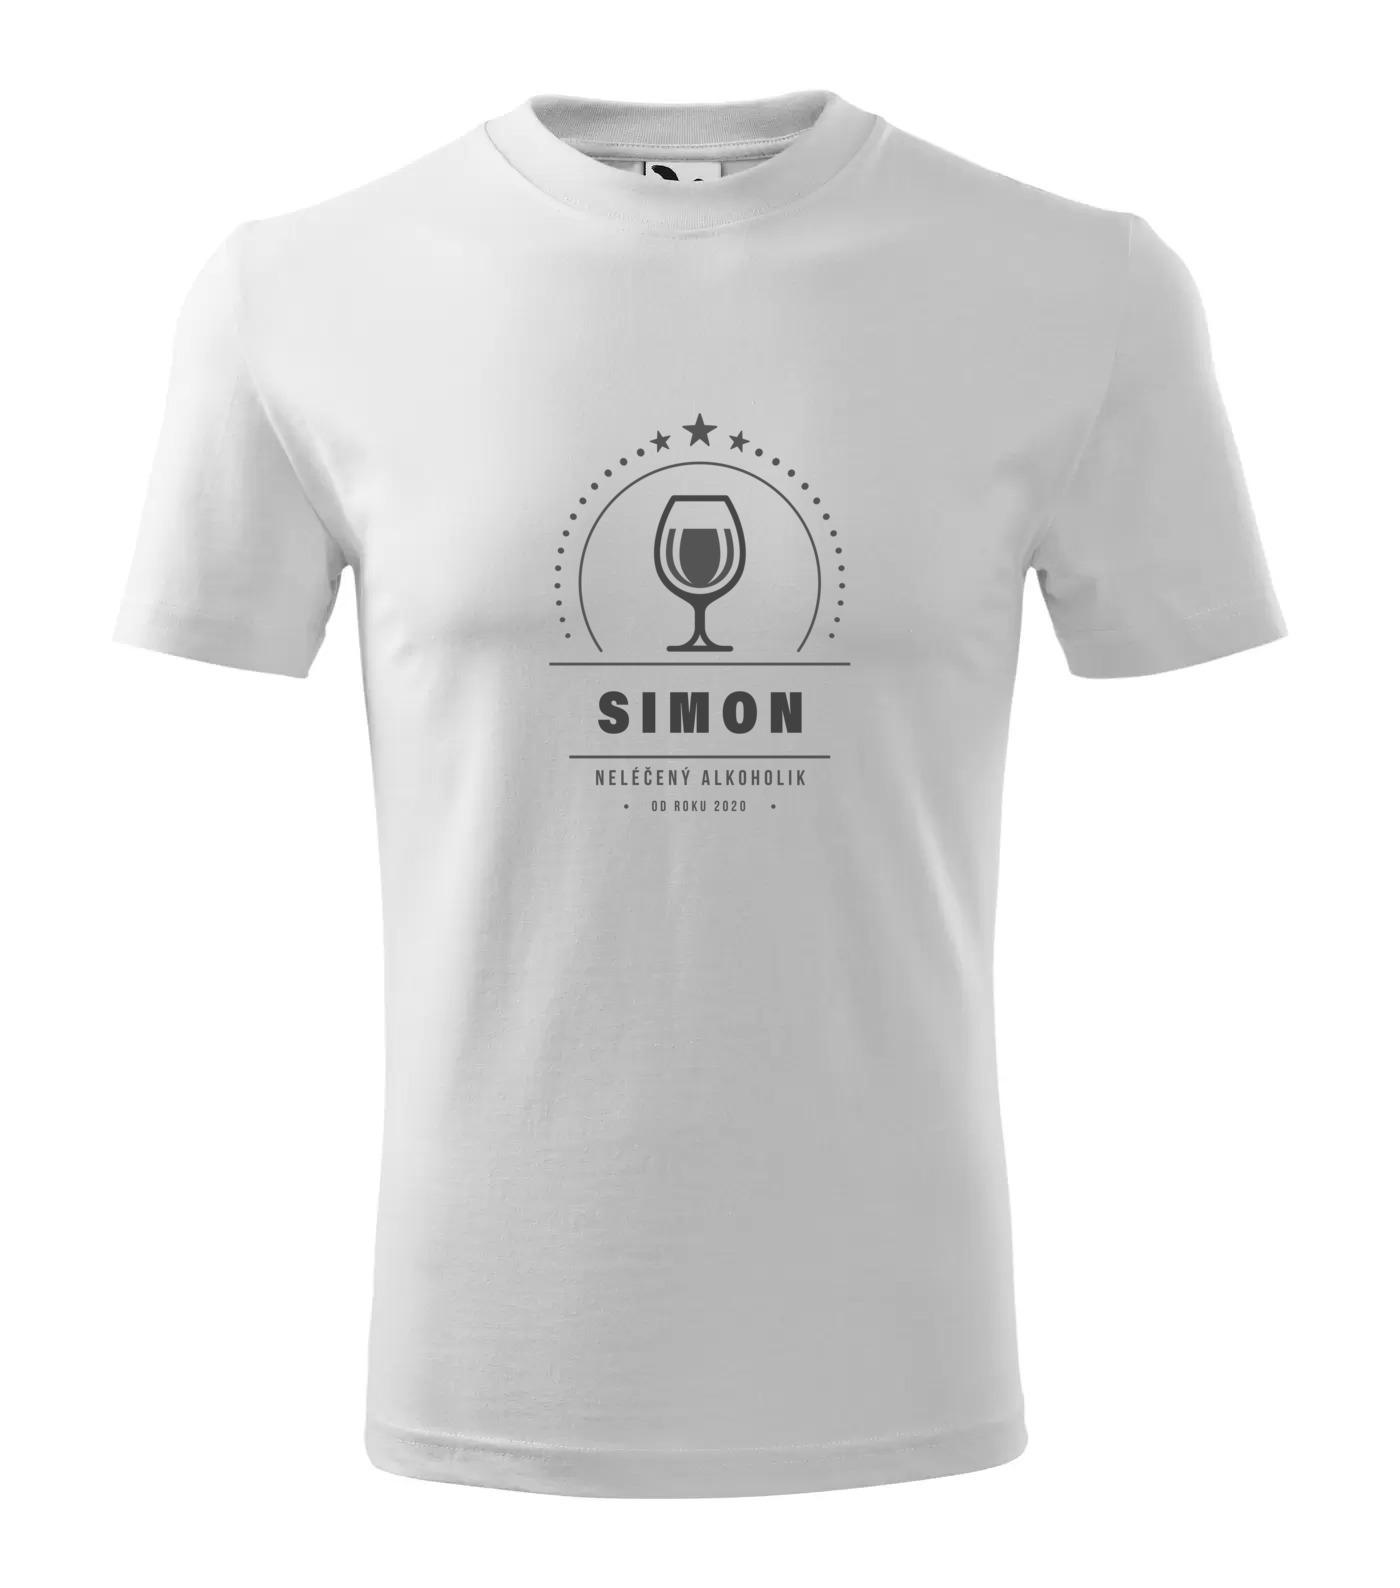 Tričko Alkoholik Simon